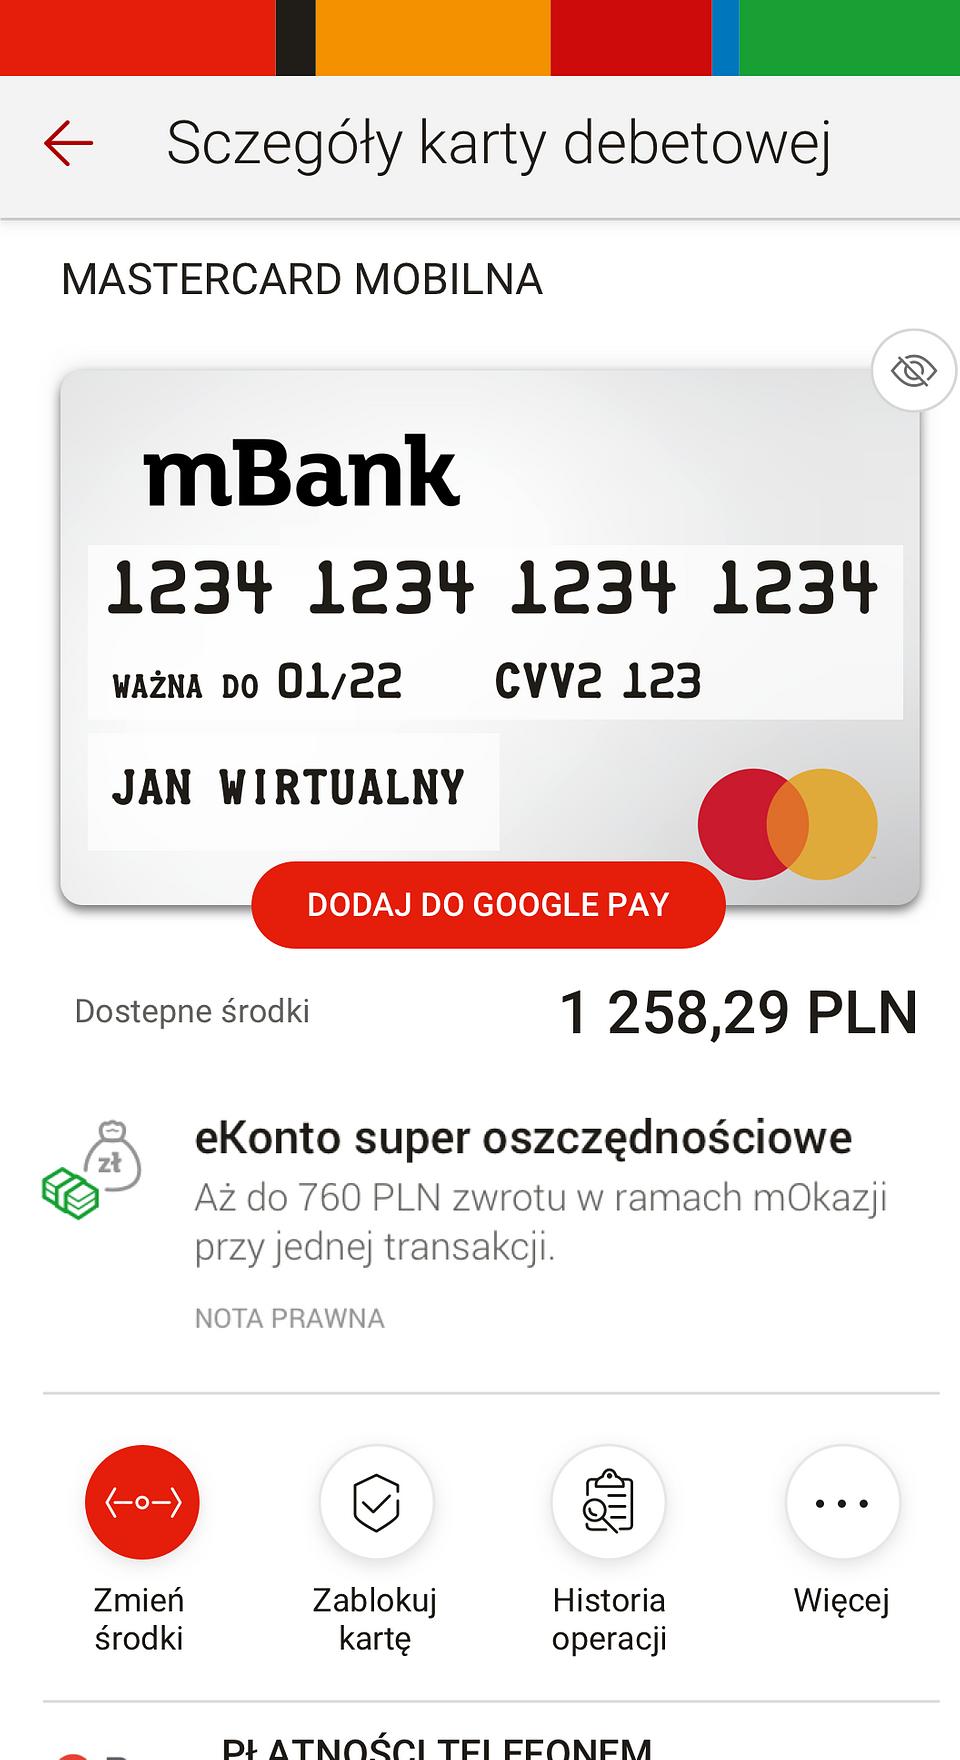 Mastercard_Mobilna.png